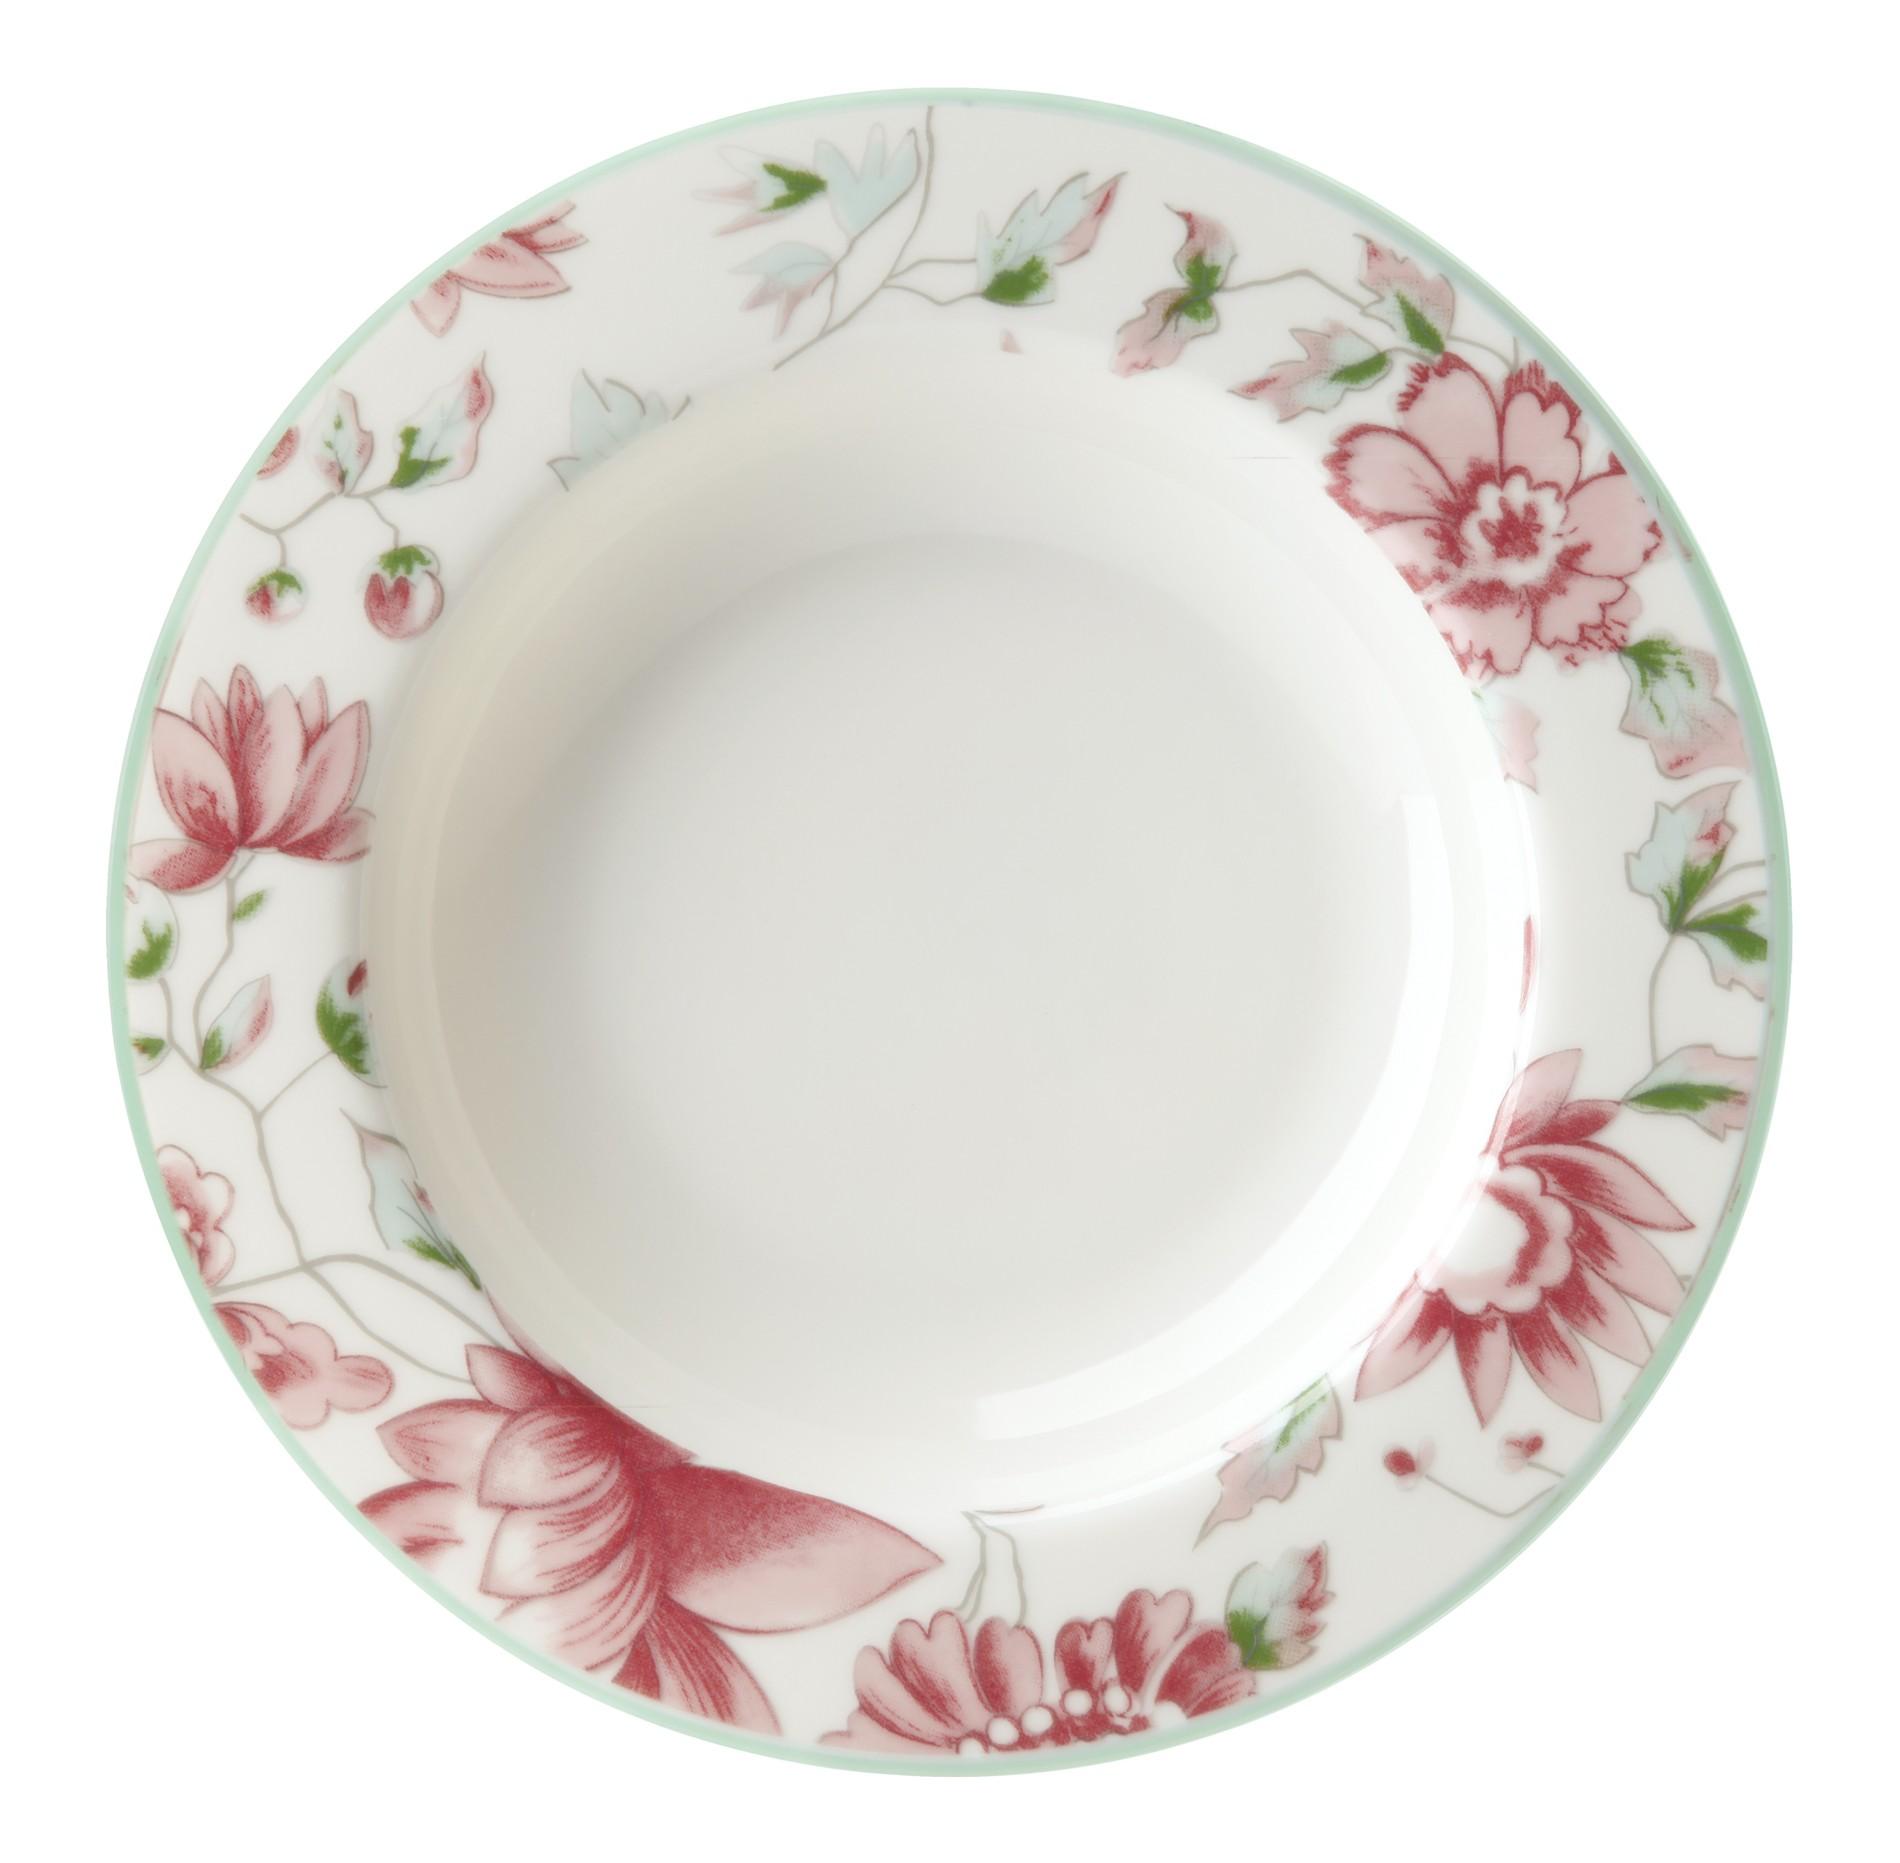 Πιάτο Βαθύ Σετ 6Τμχ Provence 23cm Ionia home   ειδη σερβιρισματος   πιάτα